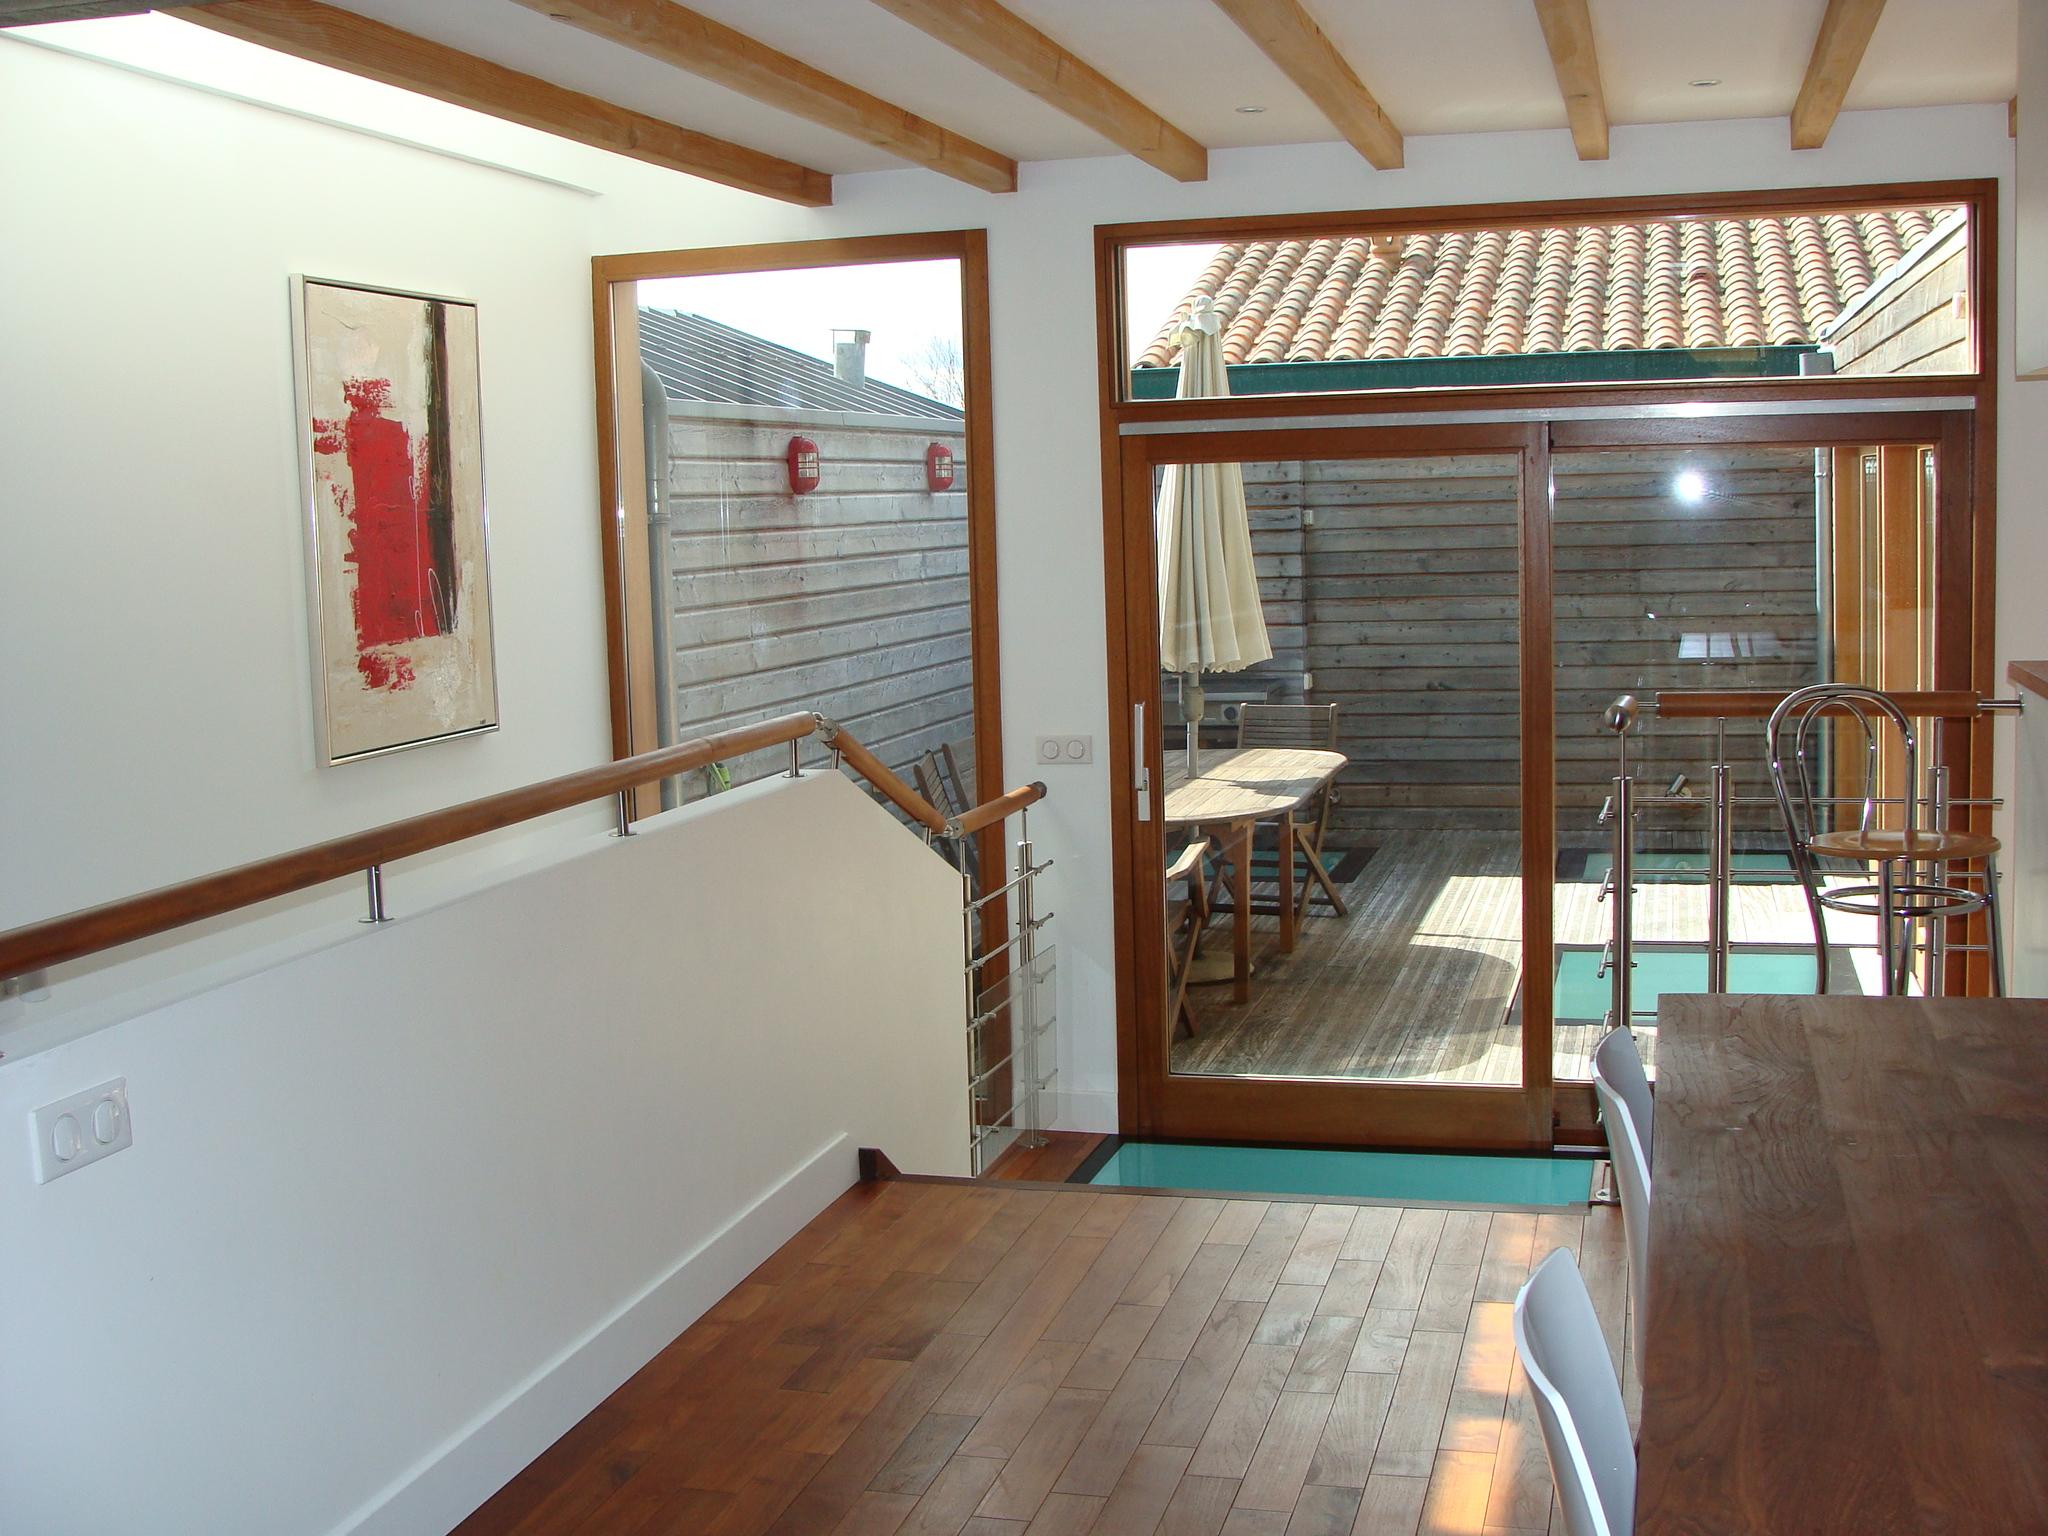 a vendre biarritz maison de ville ref ip pb 18 pays basque immobilier luxe prestige maison villa. Black Bedroom Furniture Sets. Home Design Ideas